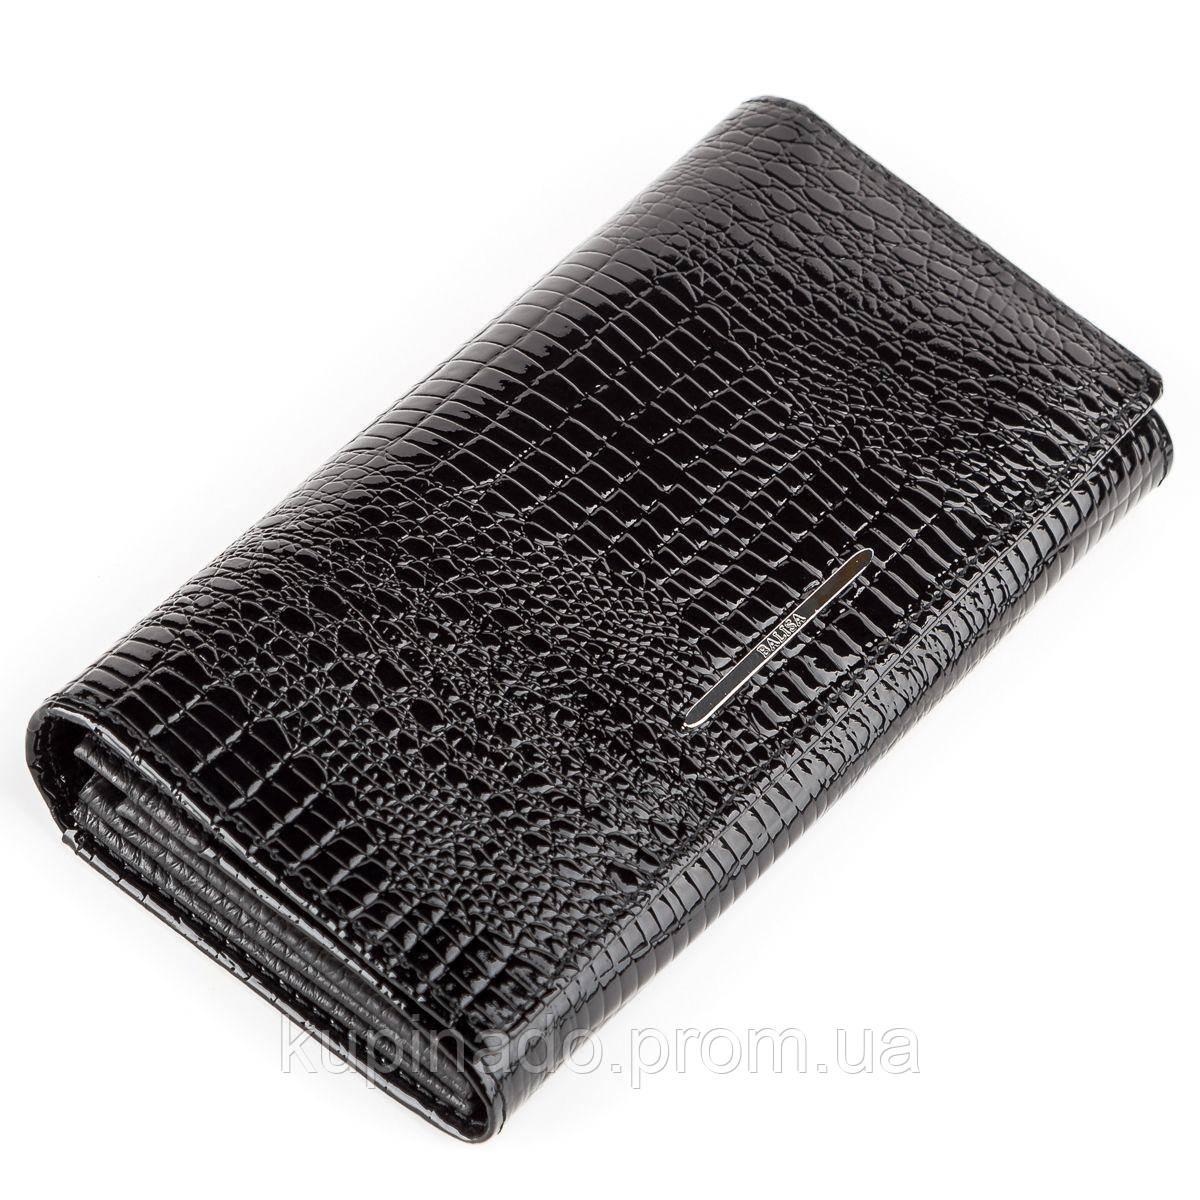 Кошелек женский BALISA 13851 кожаный Черный, Черный